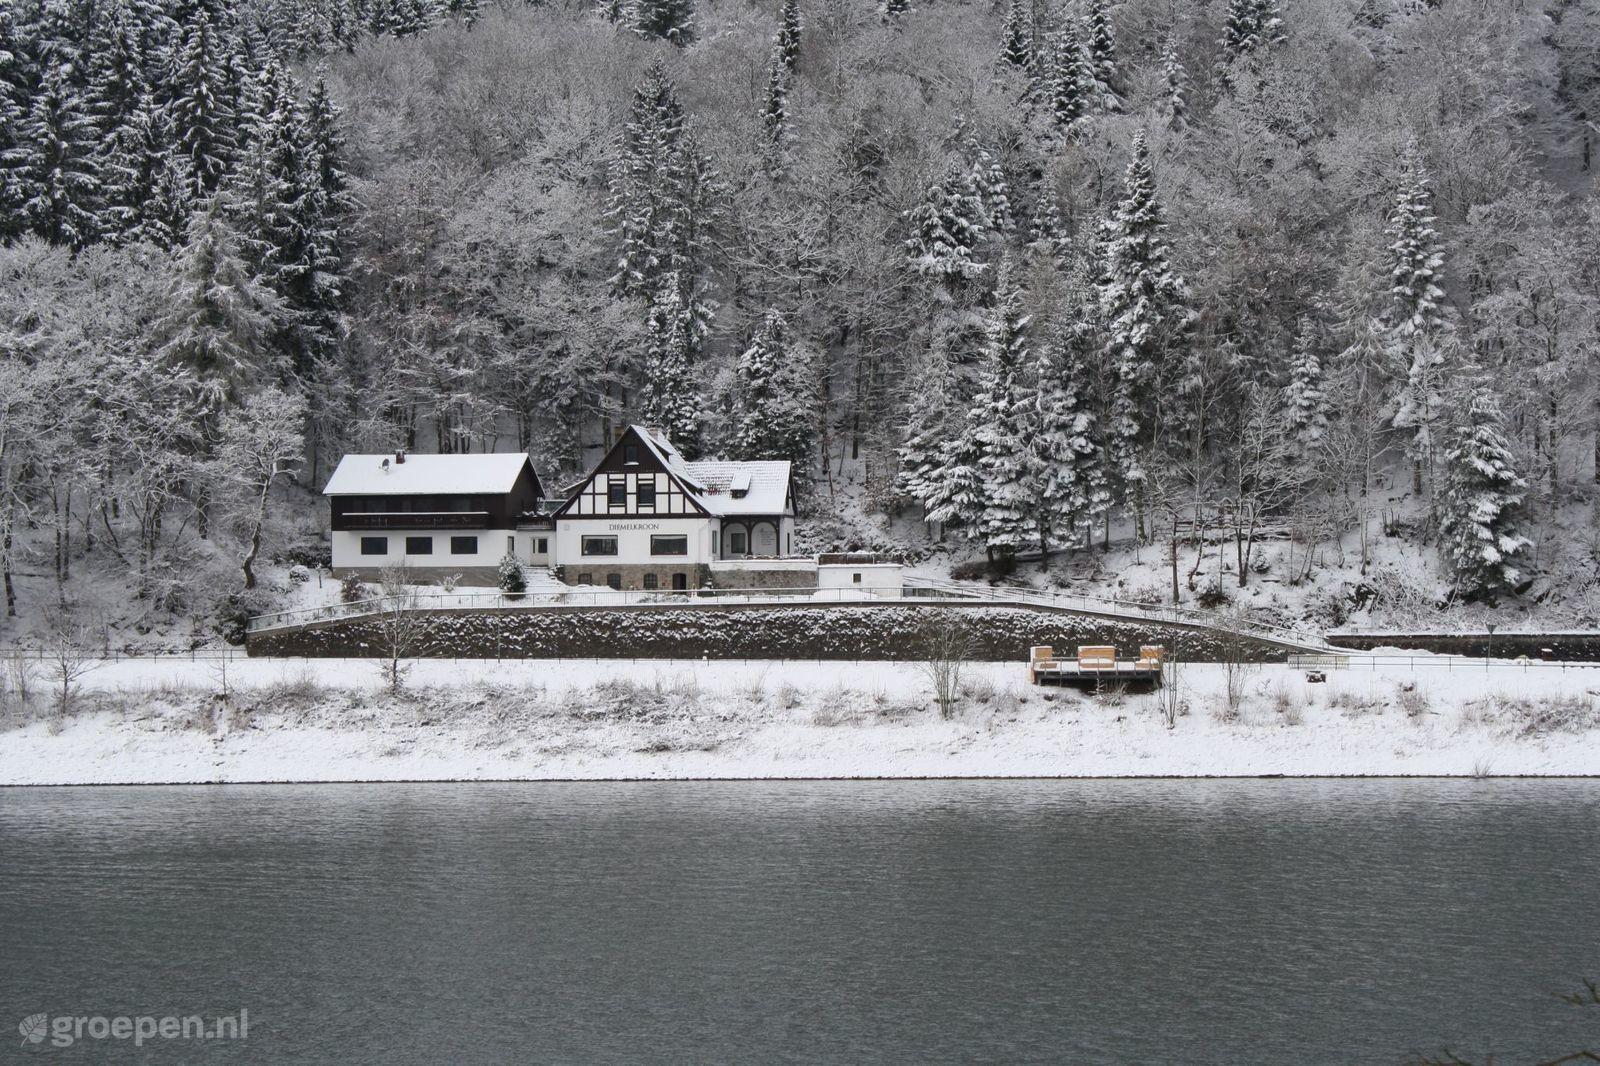 Marsberg am Diemelsee